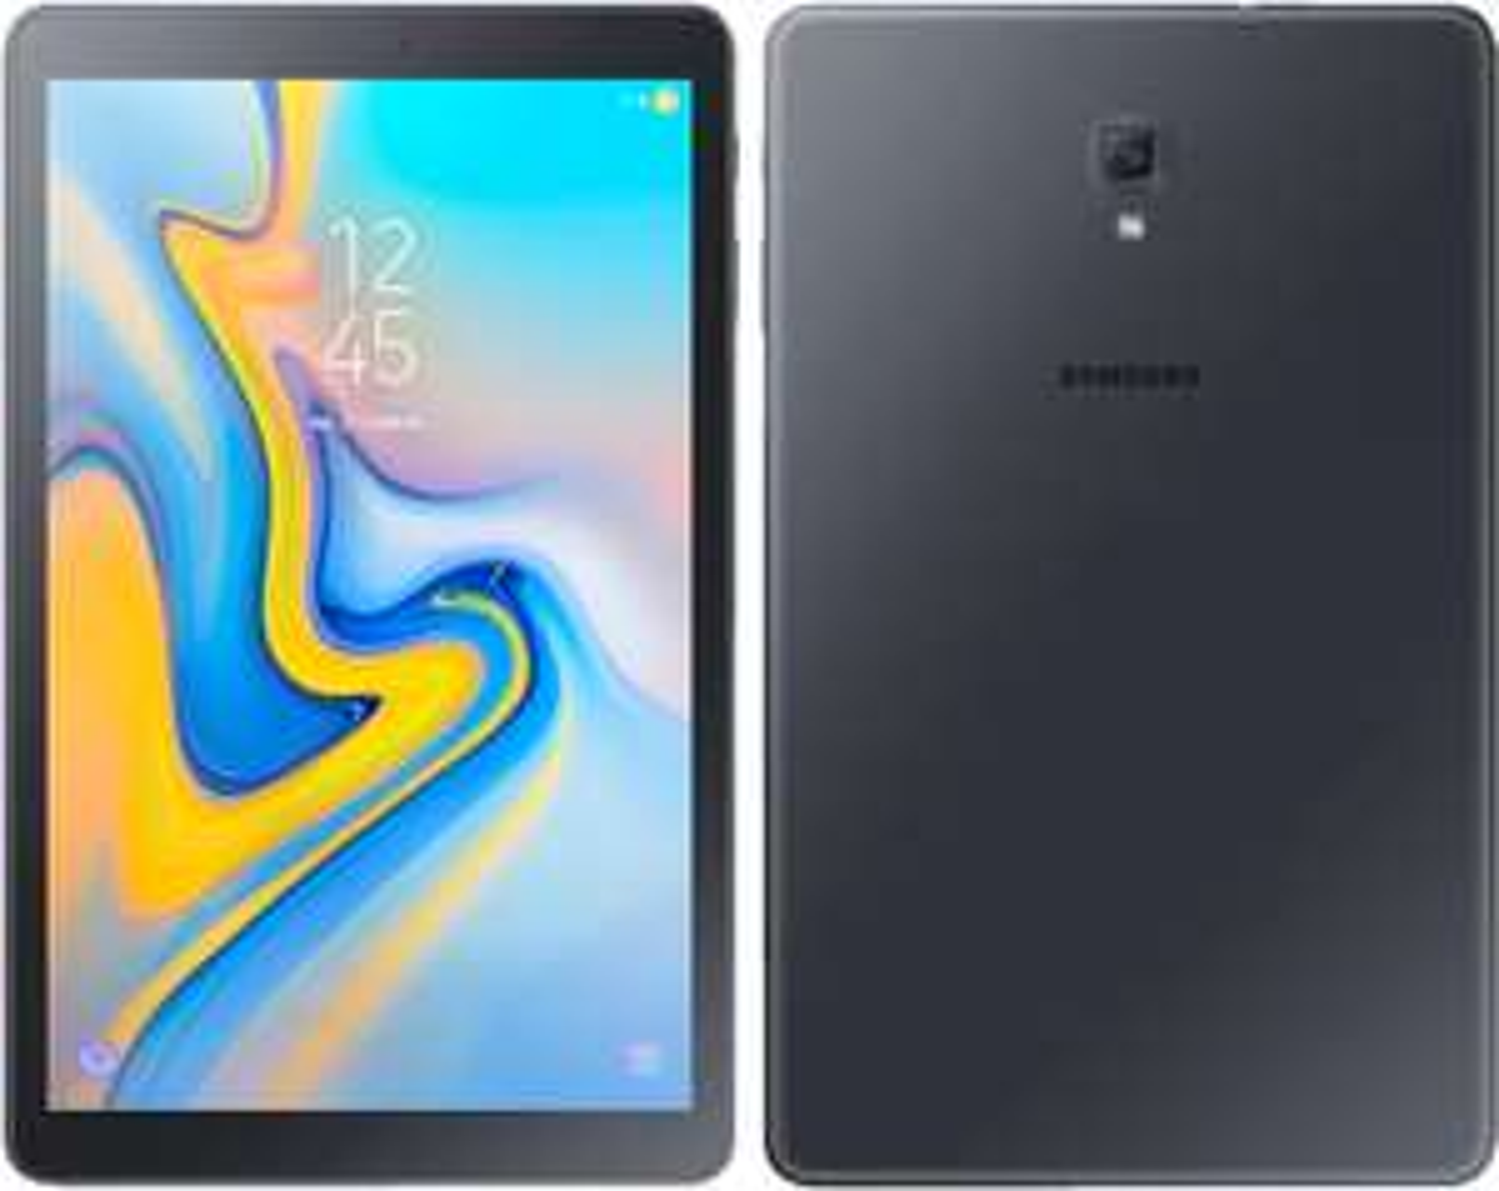 Tiefpreisspätschicht: Samsung Galaxy Tab A 10.5 für 189€ | Samsung Galaxy Tab S4 64GB LTE für 499€ und Samsung C34J79 für 619€